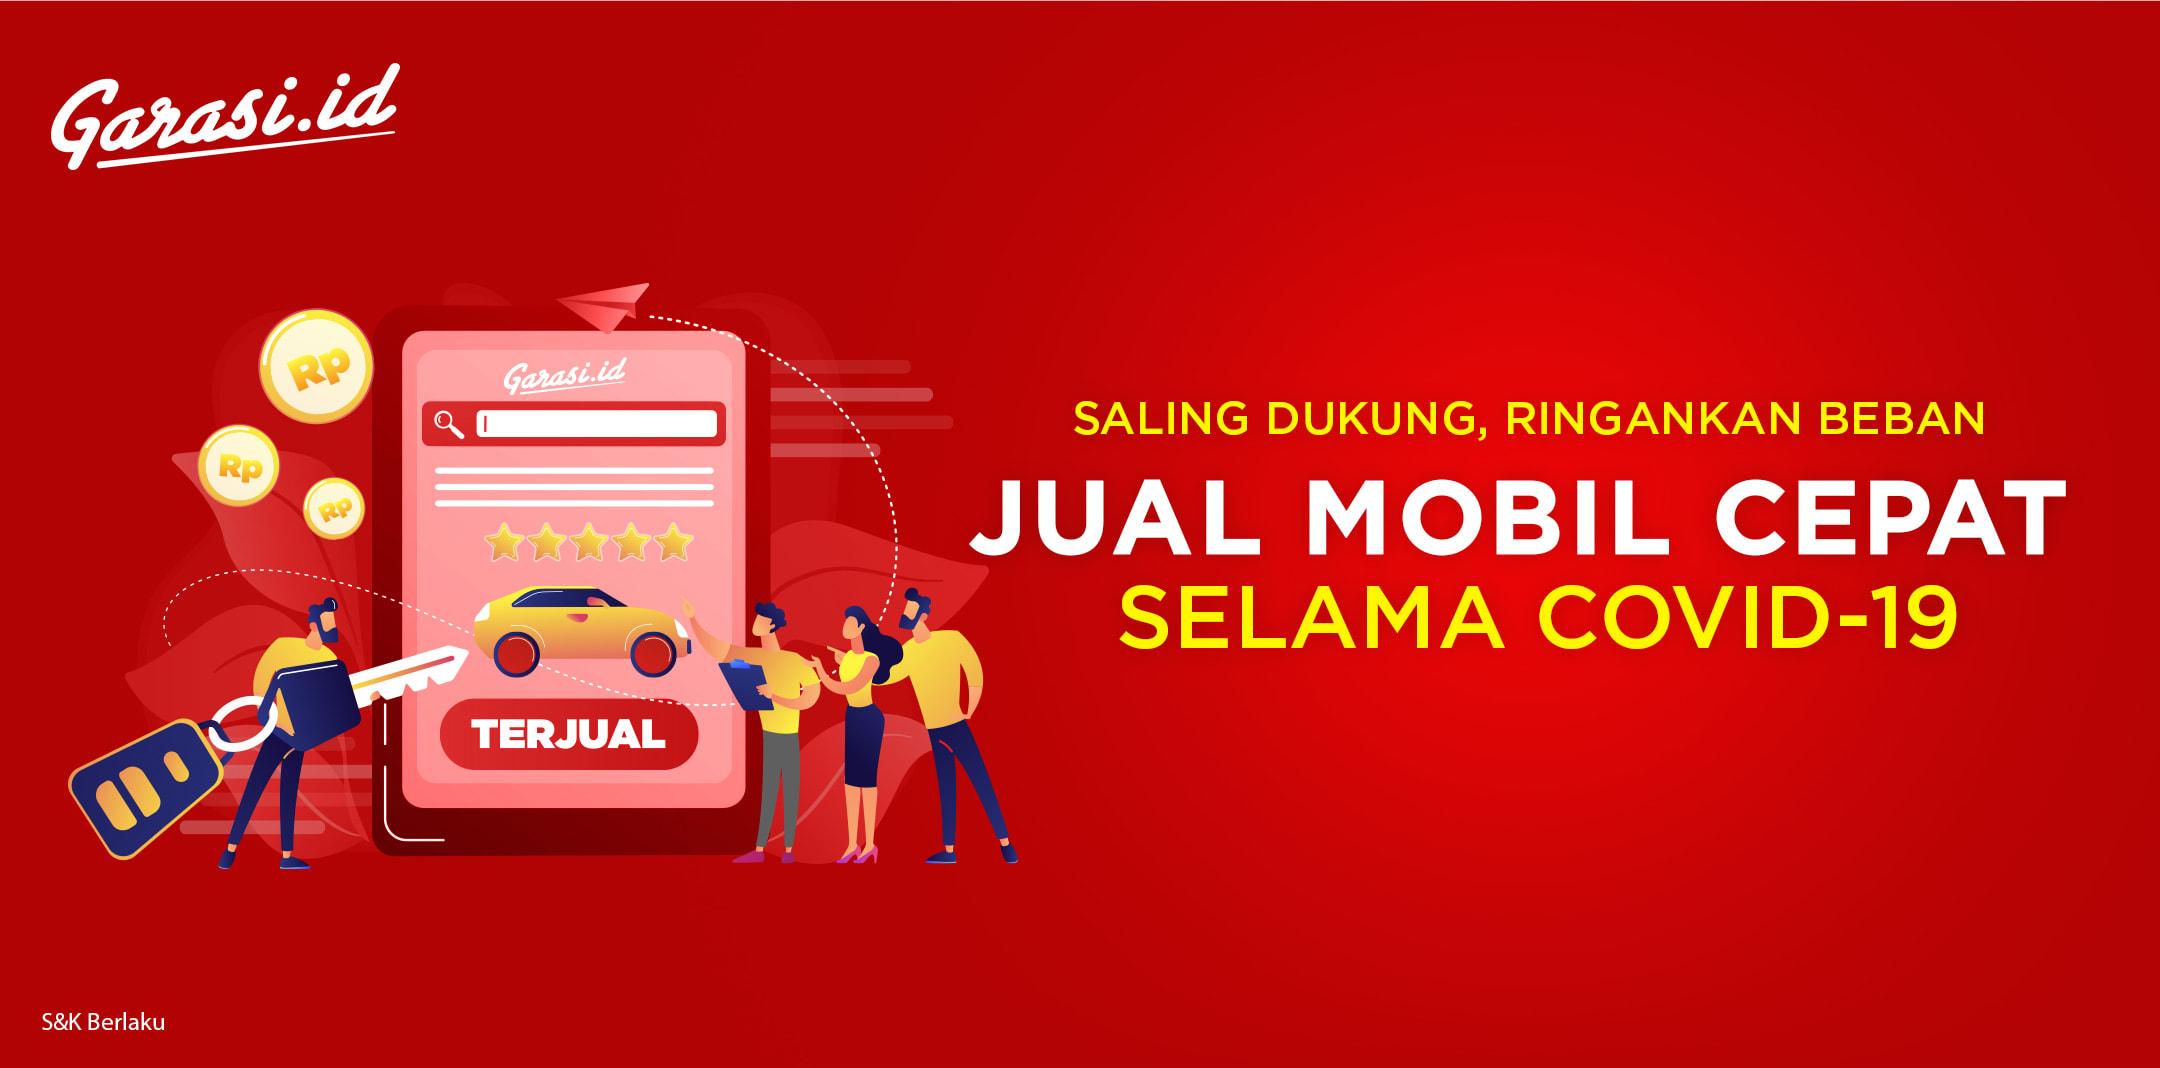 Garasi.id Support Perjuangan Seller Mobil Bekas, Ringankan Beban Selama Covid-19